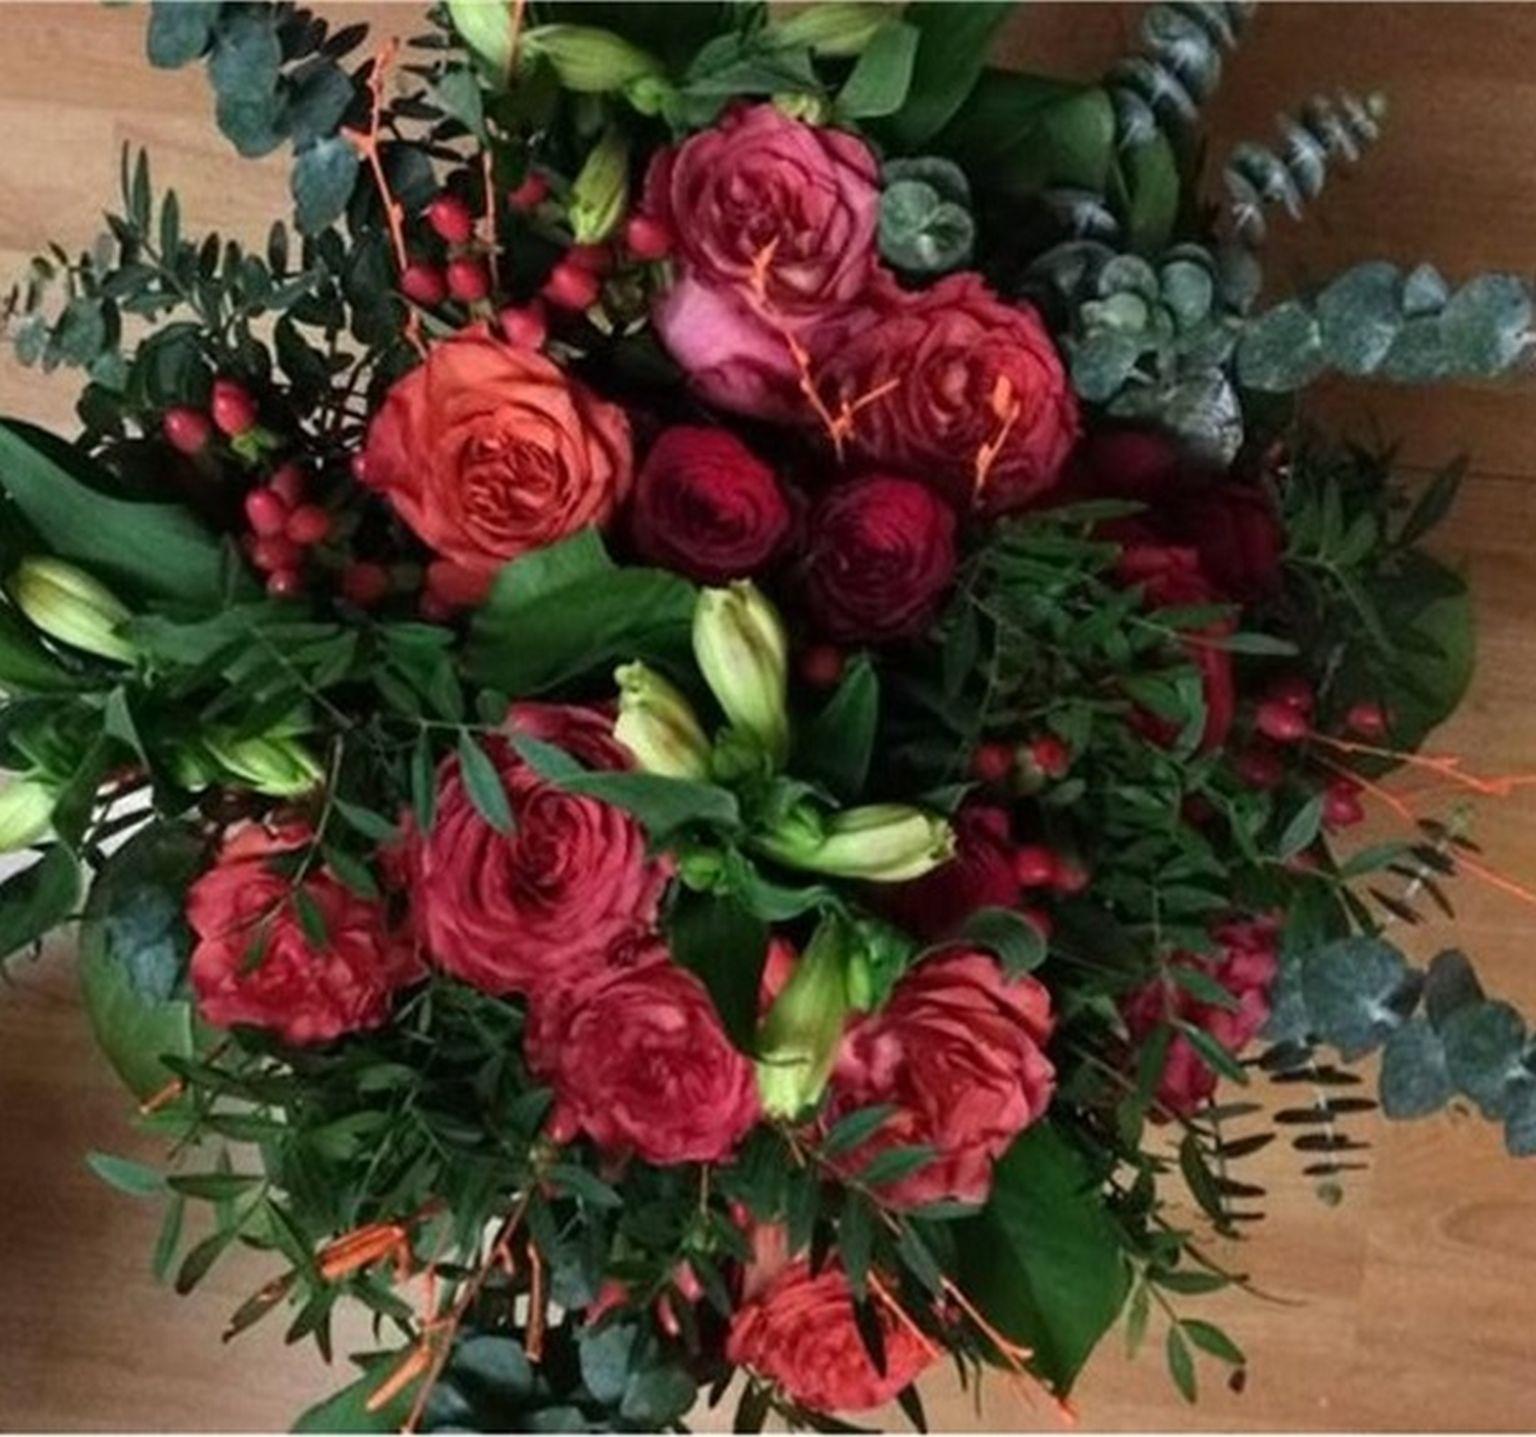 Kulatá kytice z oranžových a červených růží, alstromerie, hipericum, eukalypt, pistacie